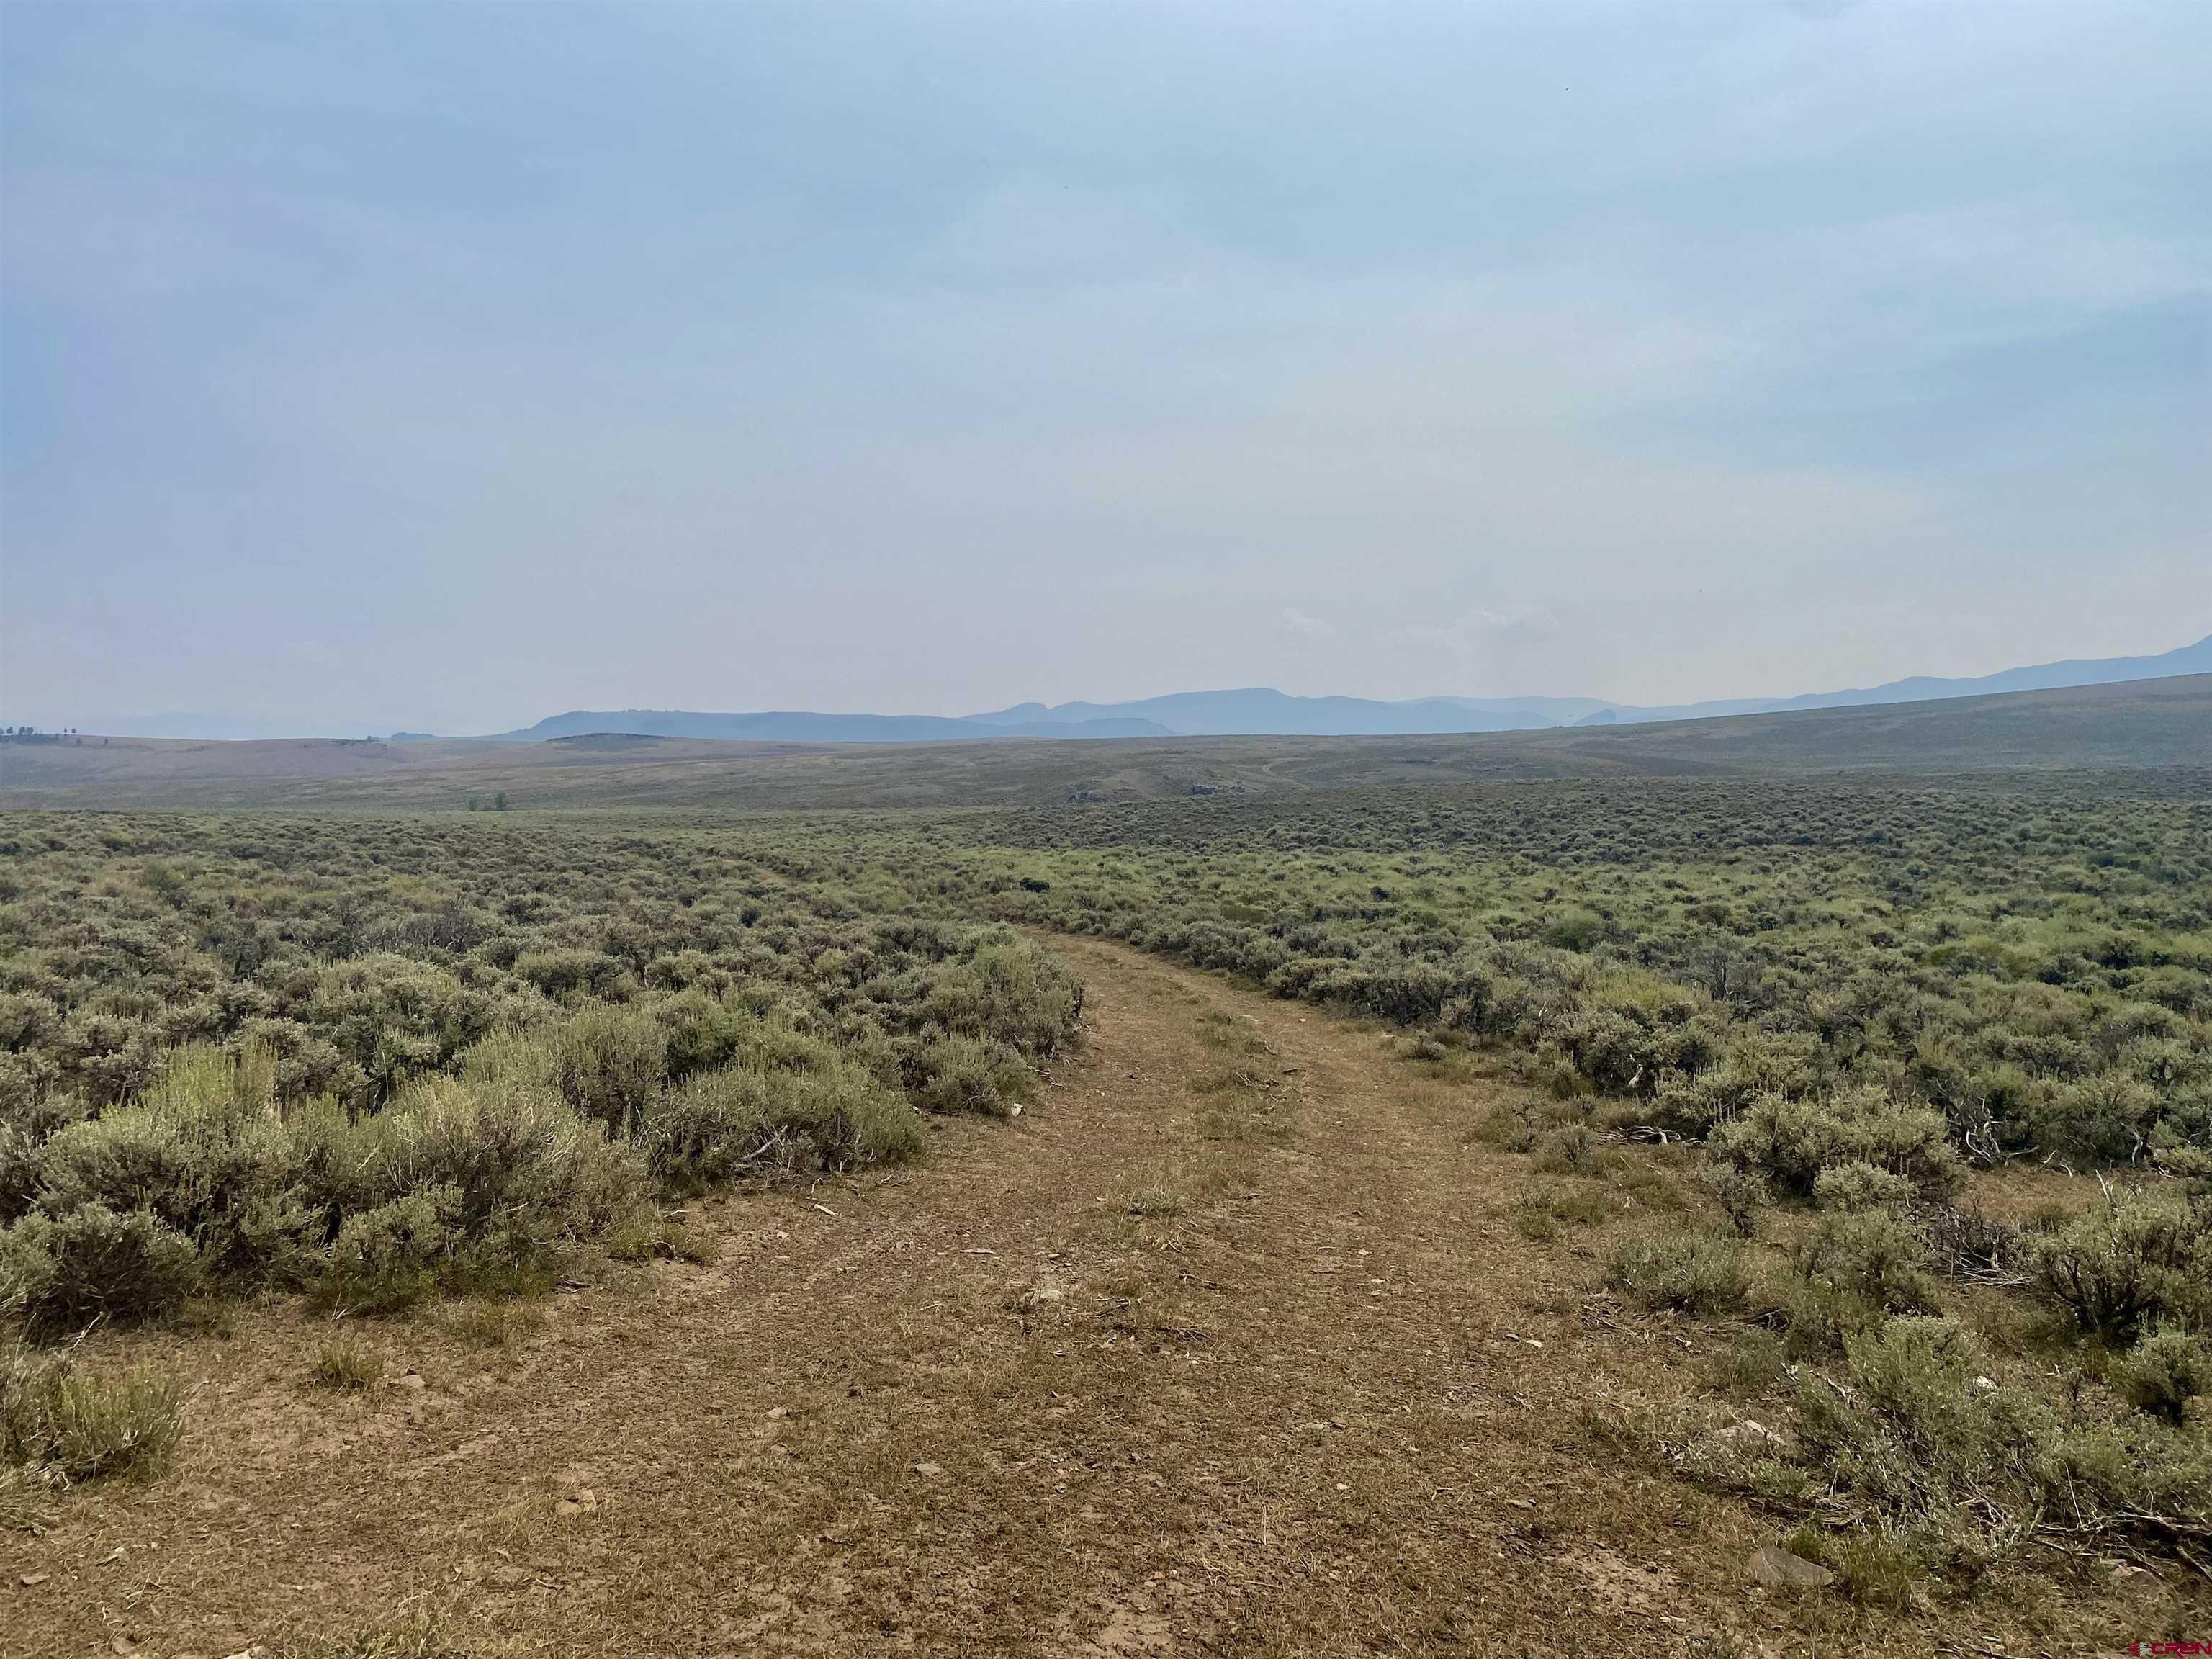 TBD LOT 20 Colorado Mountain Ranches, Gunnison, CO 81230